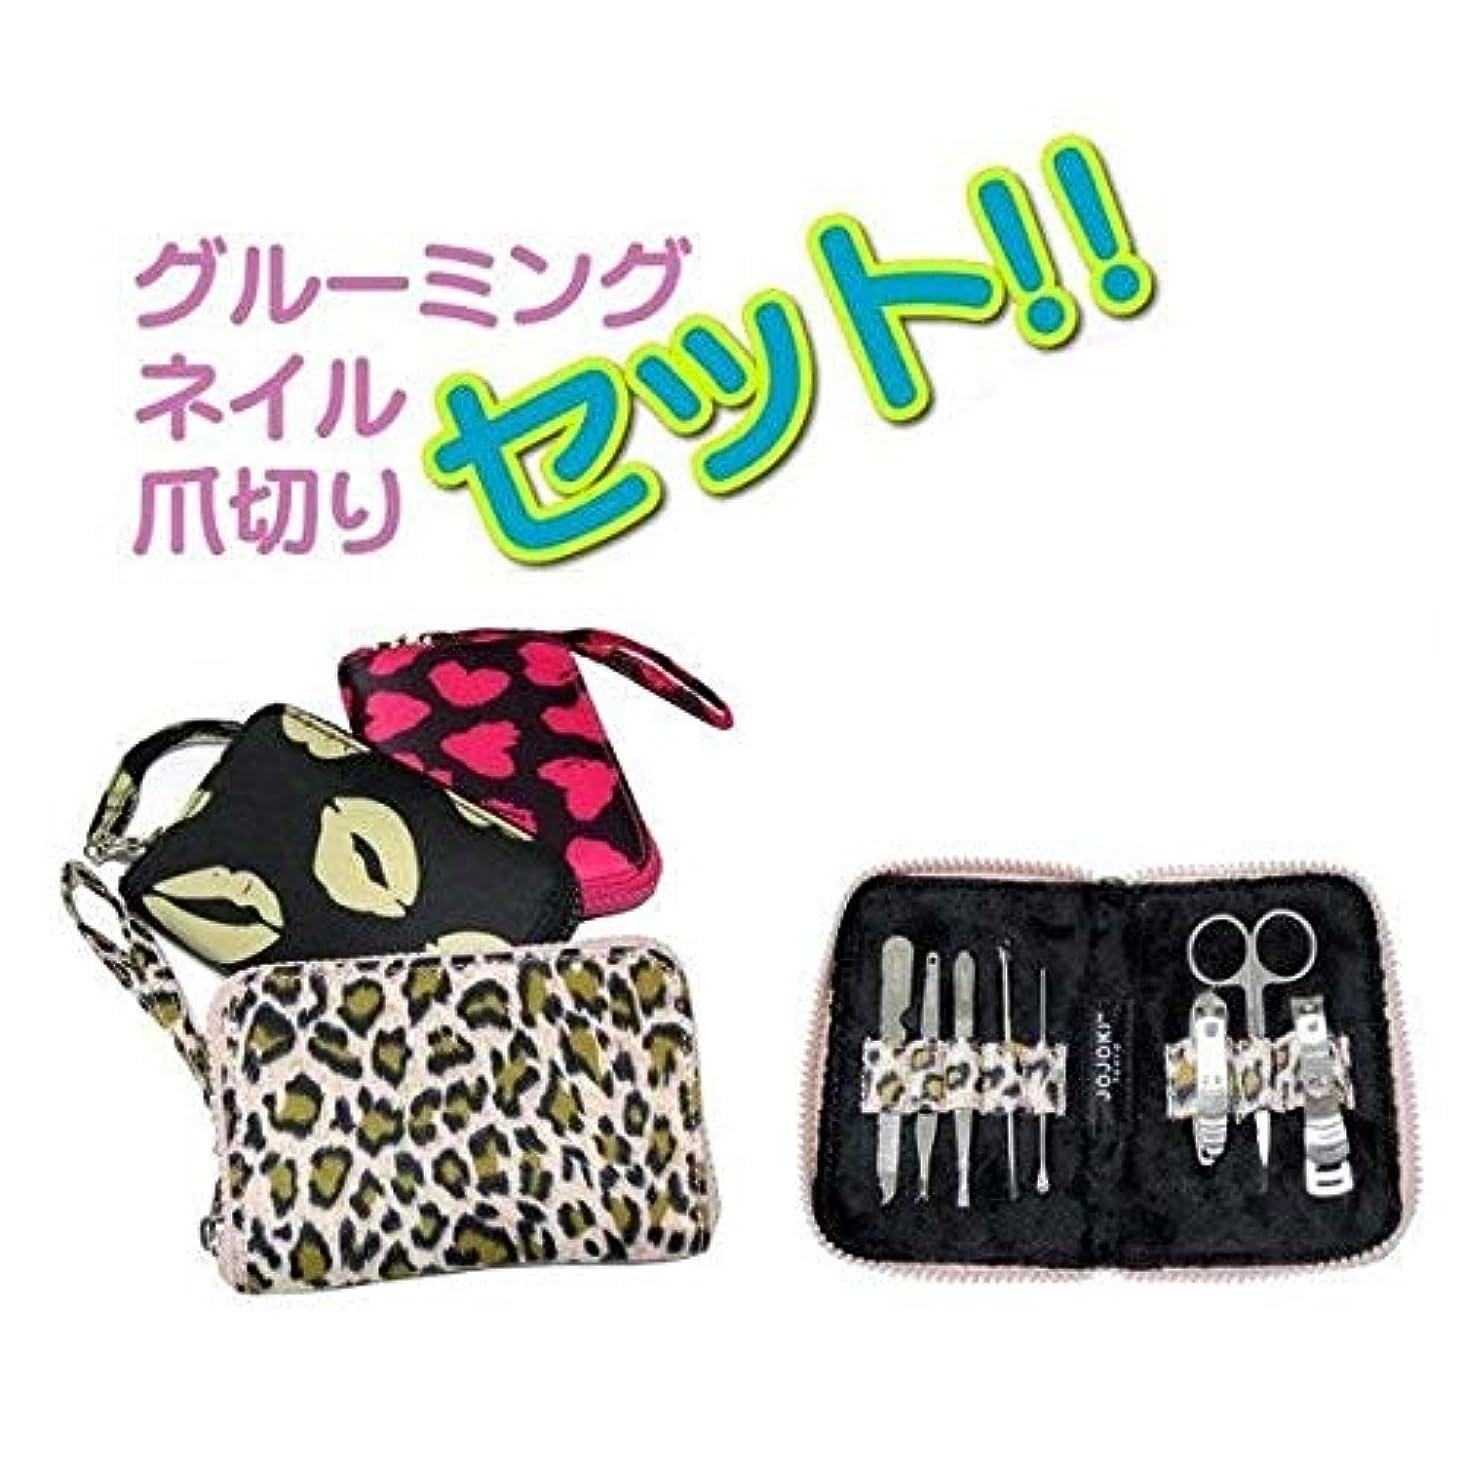 州申請者血まみれjojoki-neilset可愛いの人気なネイルケア8点セットコンパクトポーチに入ったJOJOKI TOKYO JOJOKI TOKYOネイルケア 8点セット (ブラックリップ)